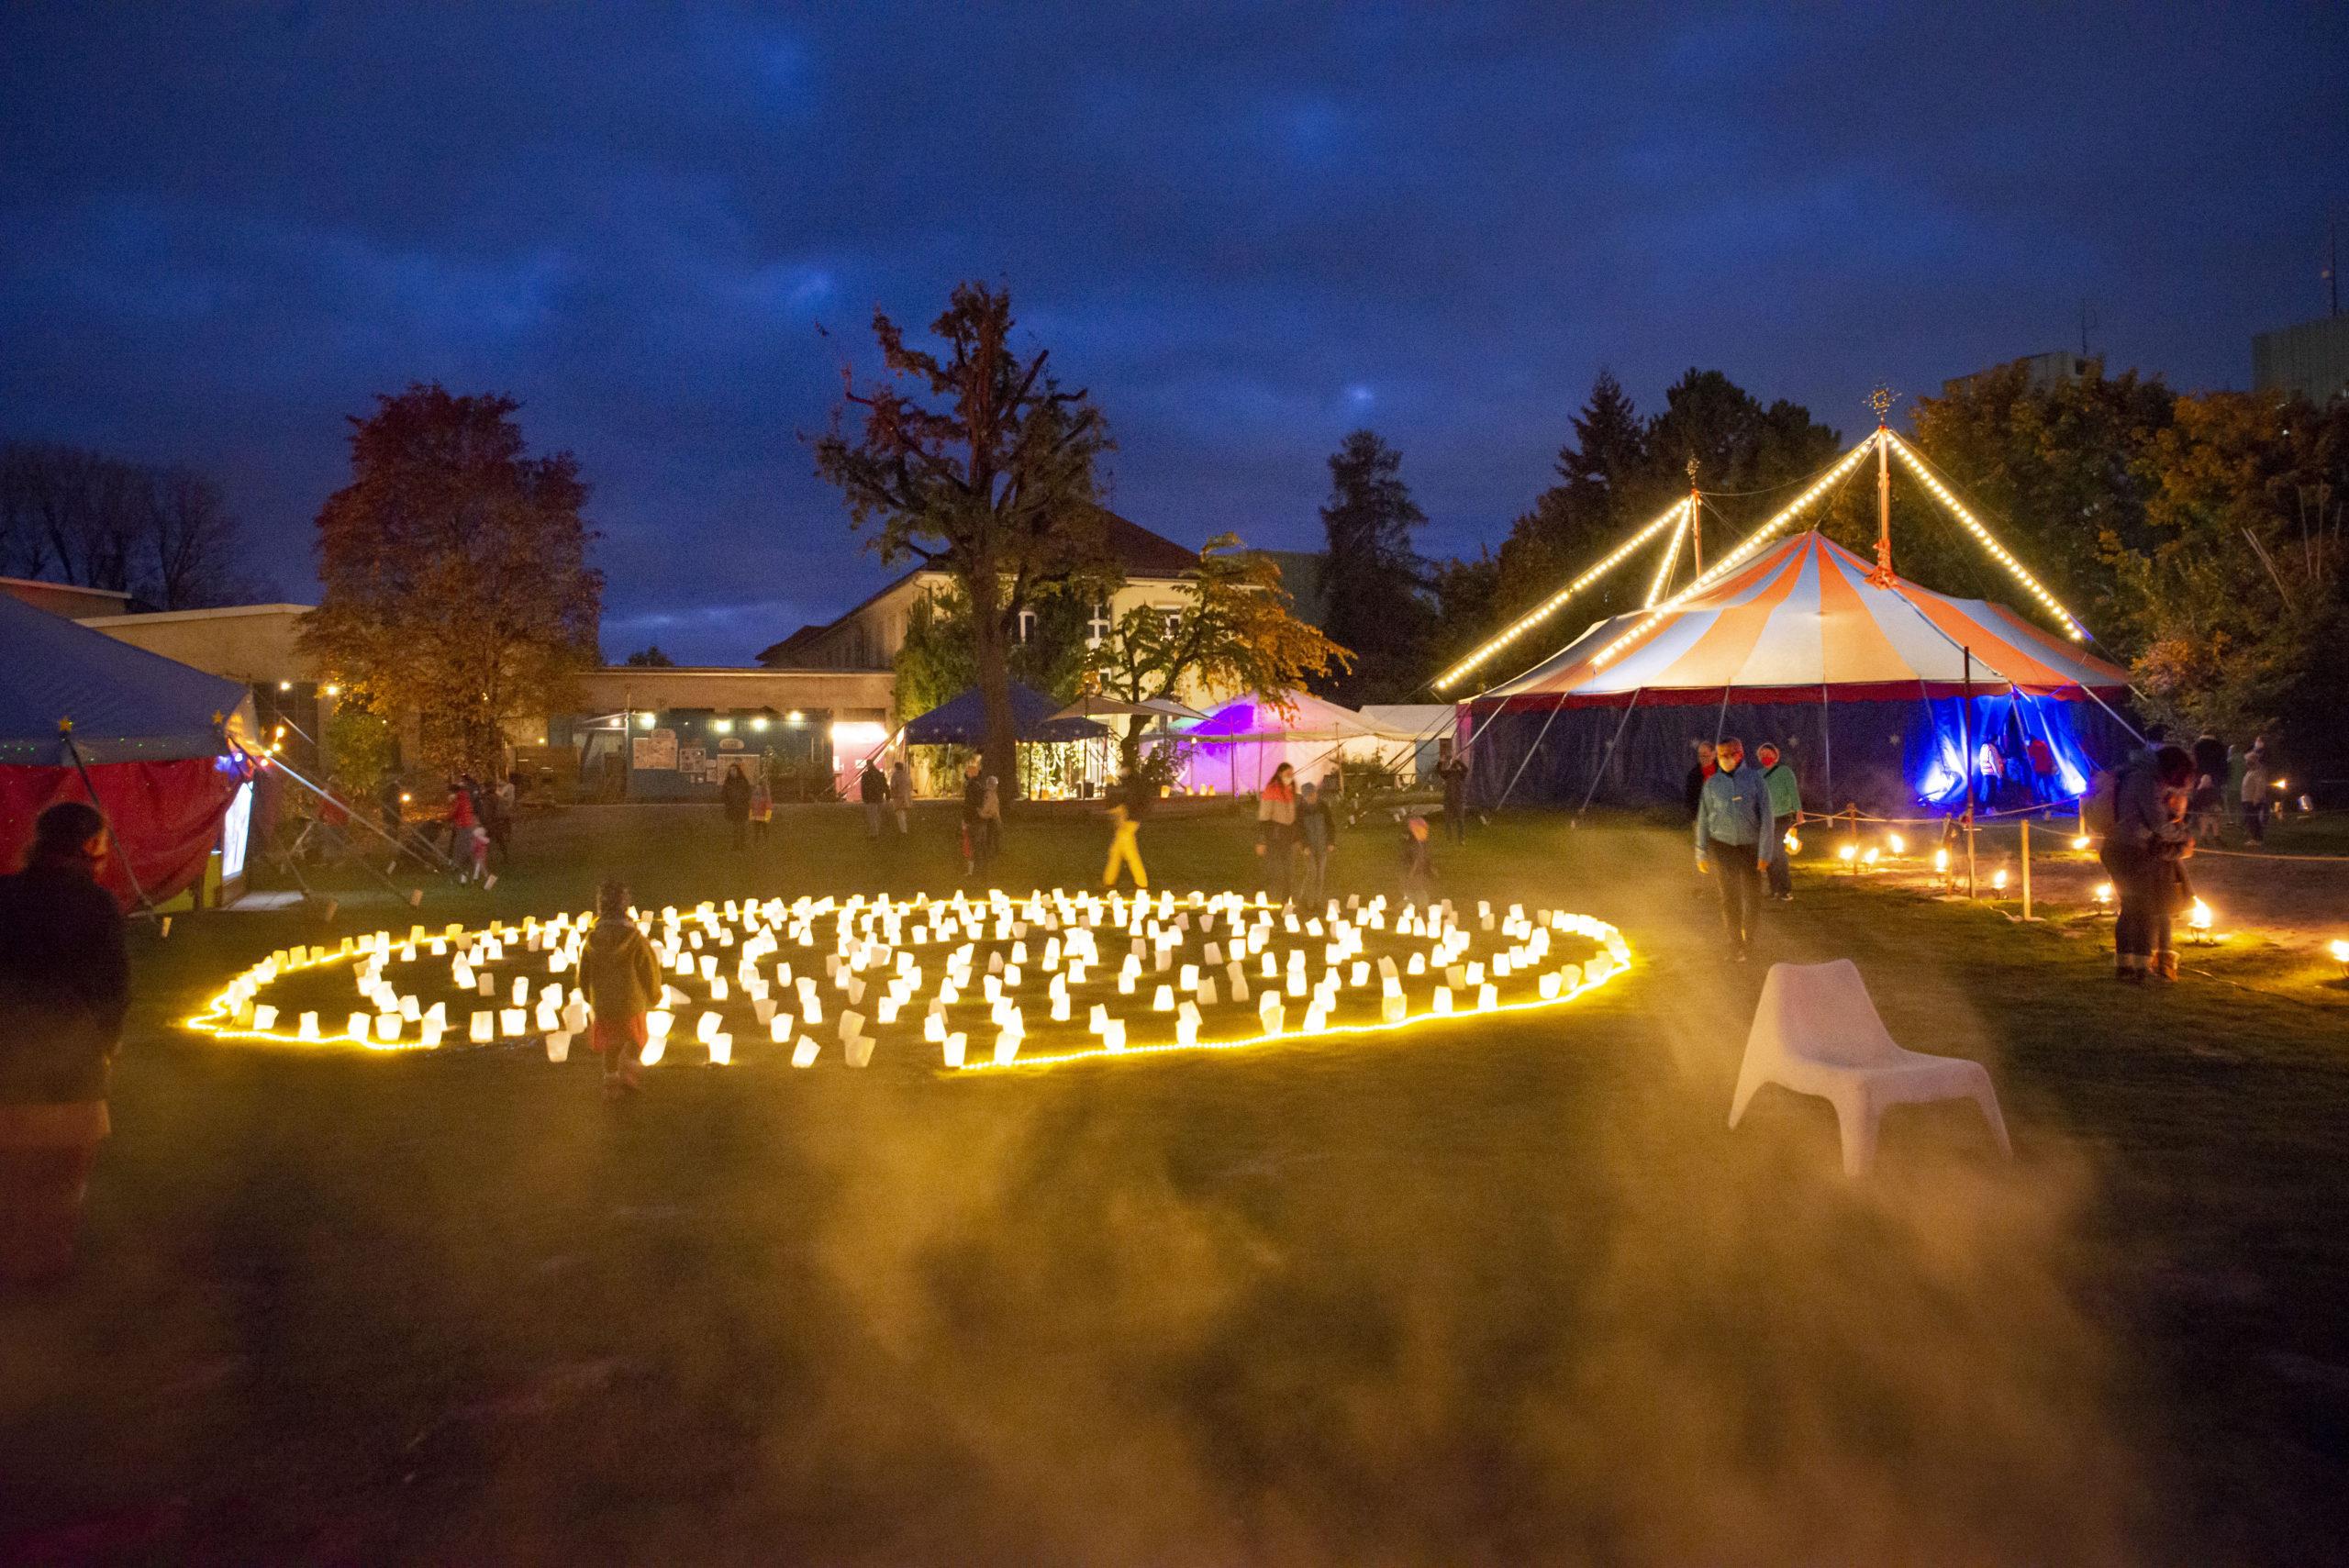 Das wundeerschöne Lichterlabyrinth im Zentrum des Geländes besteht aus 343 Teelichtgläsern